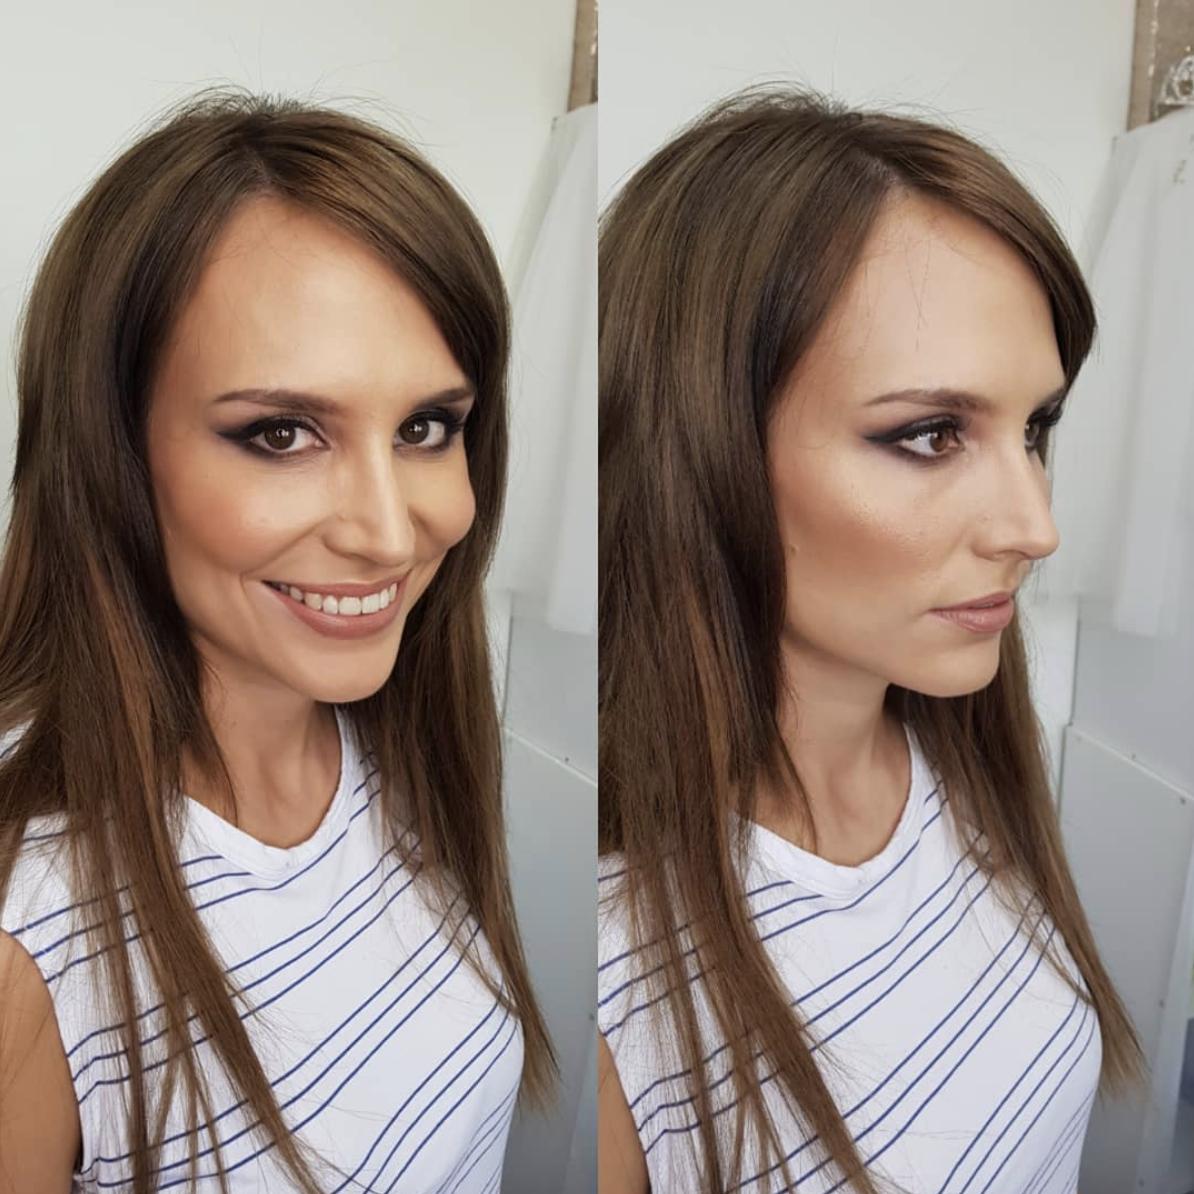 Smokey eye and nude lips by Canberra makeup artist Katie Saarikko.